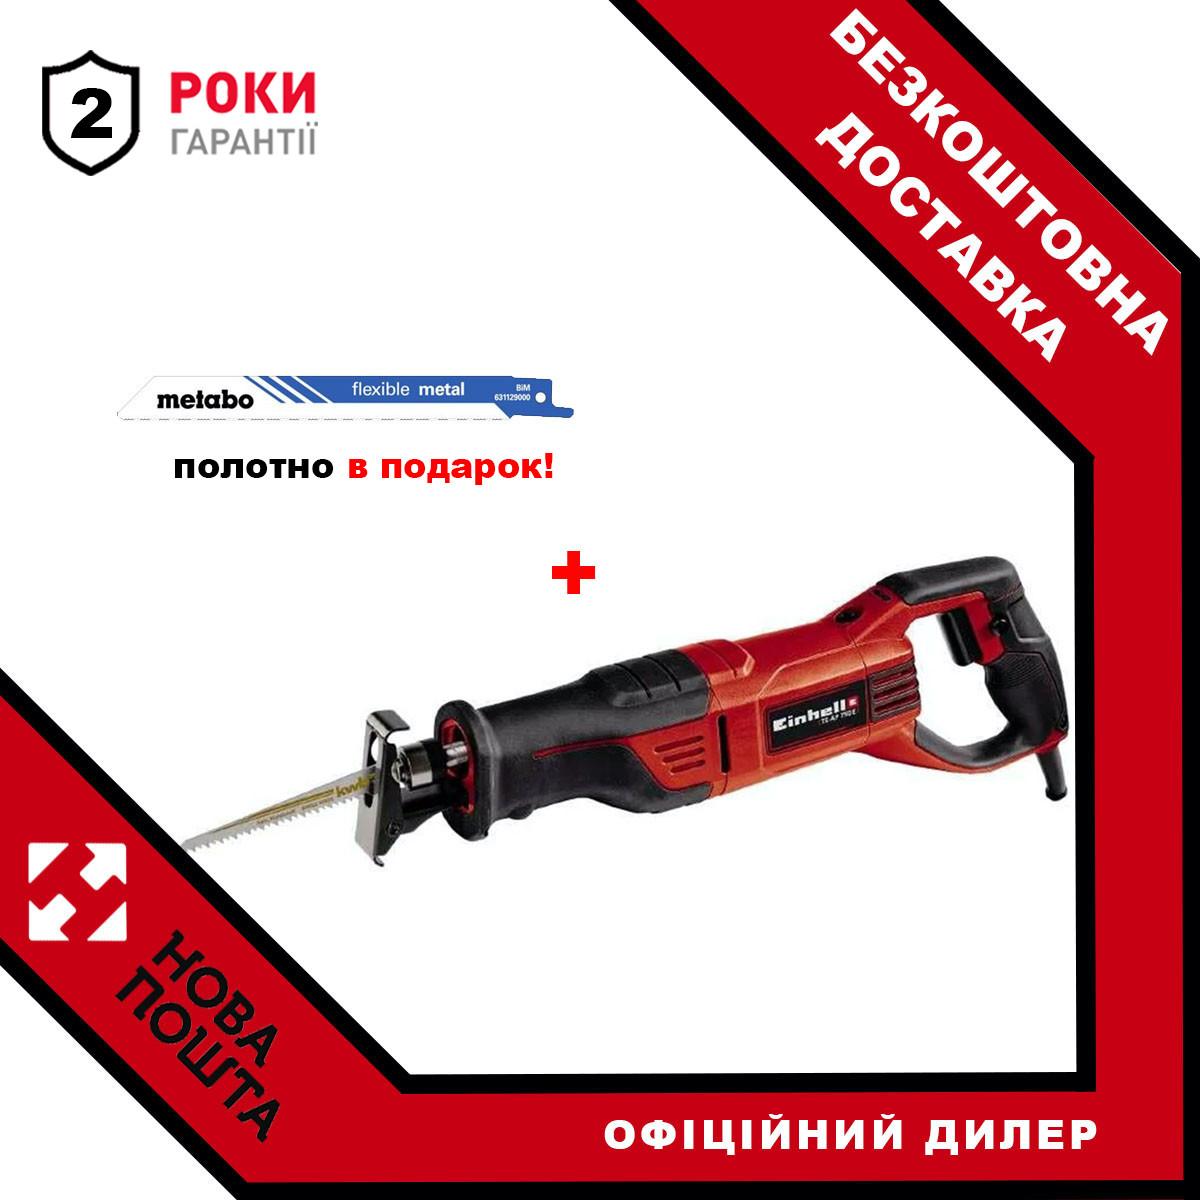 Електроножівка шабельна пила по металу Einhell TE-AP 750 E New 4326170